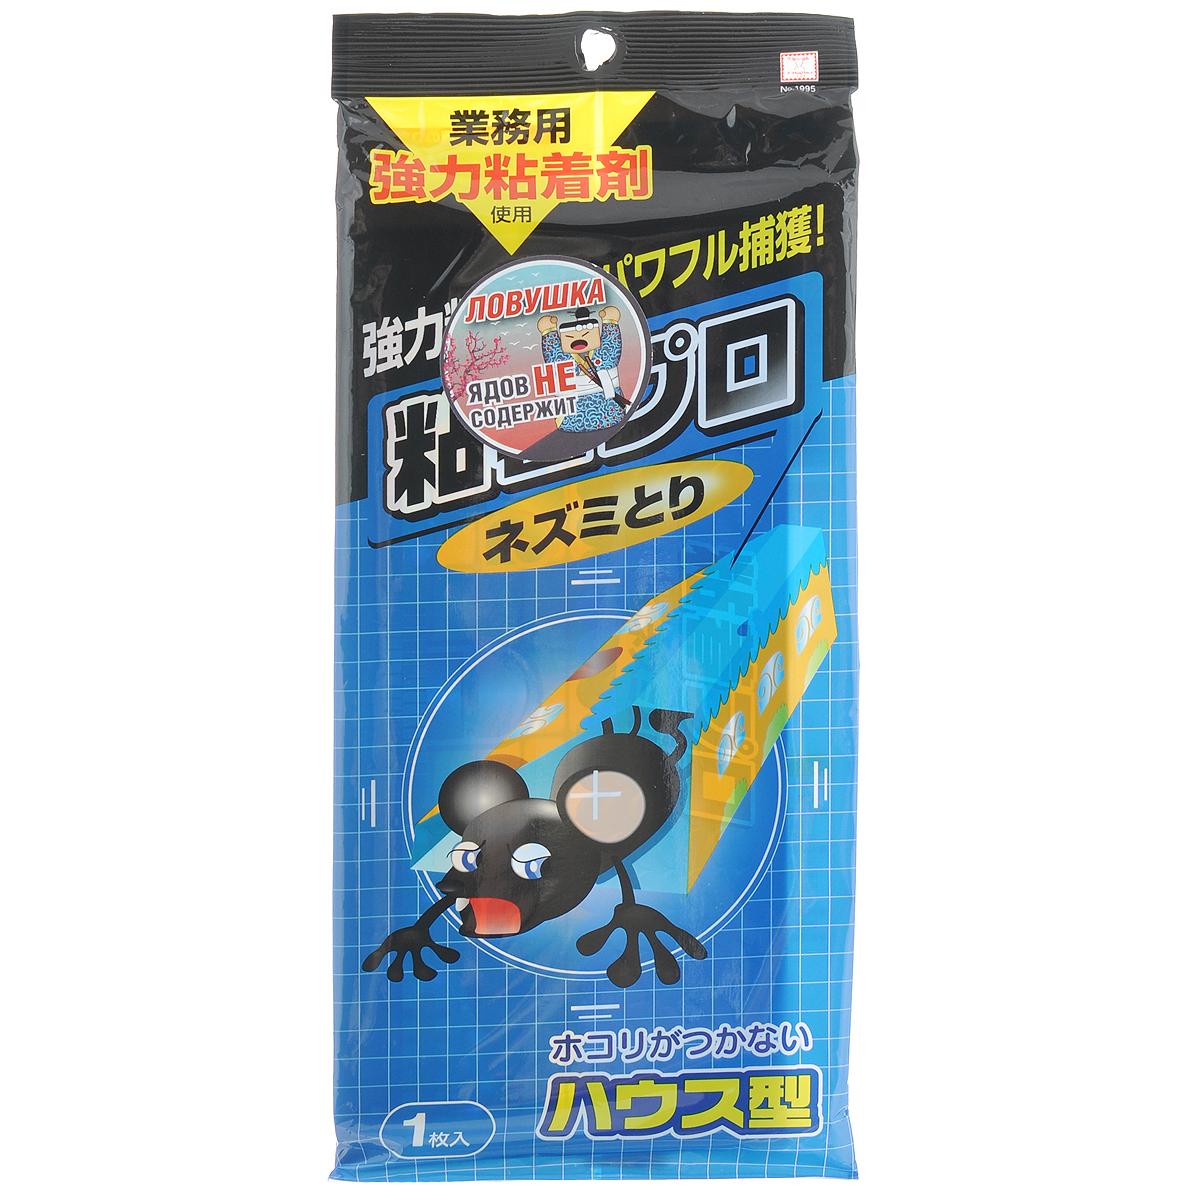 Средство от мышей KOKUBO Nenchaku Pro. 219957219957Средство KOKUBO Nenchaku Pro выполнено из плотного картона в виде домика-ловушки и предназначено для борьбы с мышами. Мышь, попавшаяся в эту ловушку, прилипает и уже не сможет убежать. Так как в ловушке не используются ядовитые вещества, она не представляет опасности для людей и ее можно использовать в любом месте, где возникает необходимость борьбы с мышами. Рекомендуемые места размещения для более эффективного результата: под кухонной раковиной, за холодильником, в щелях между предметами интерьера, за мебелью, у плинтусов. Состав: древесные волокна, полиэтилен, переработанный крахмал, сульфат алюминия, канифоль, печатная краска, кополимер олефиновой и малеиновой кислот.